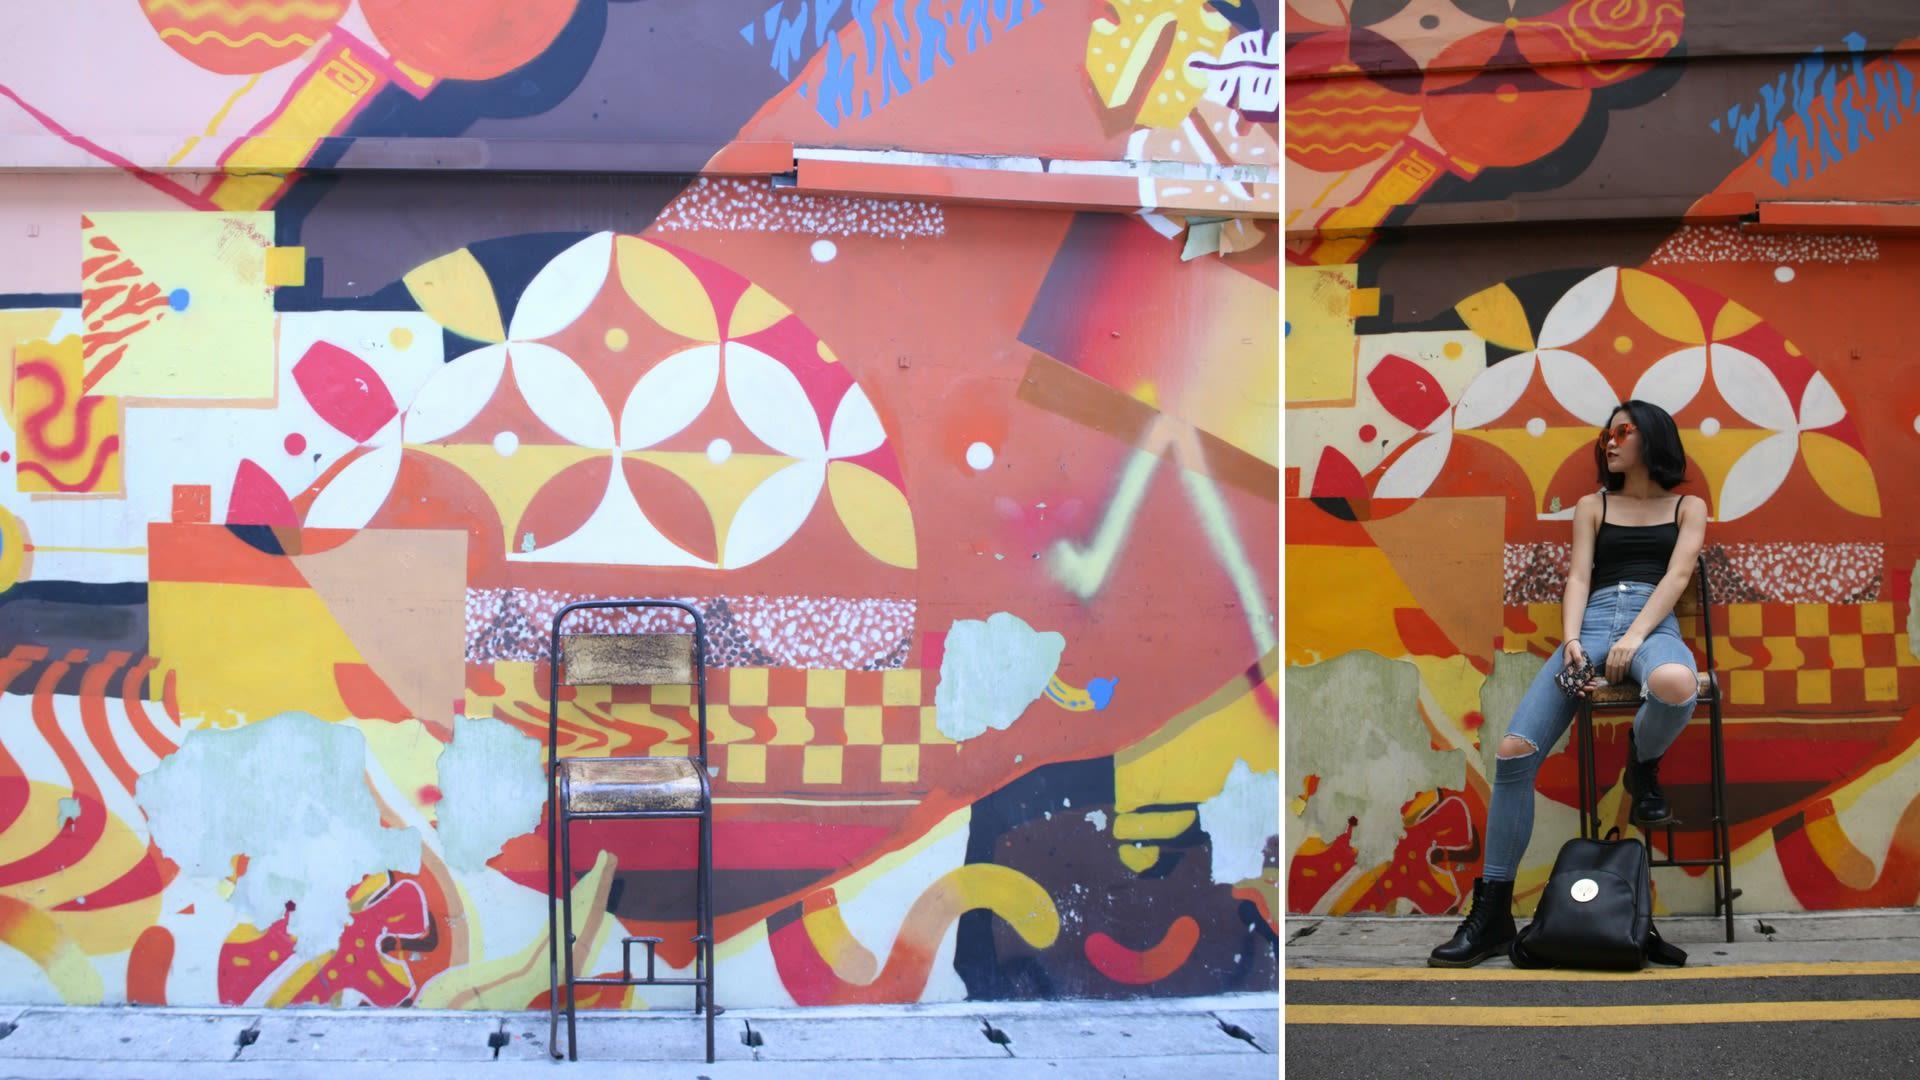 Khám phá Haji Lane: nghệ thuật đường phố graffiti